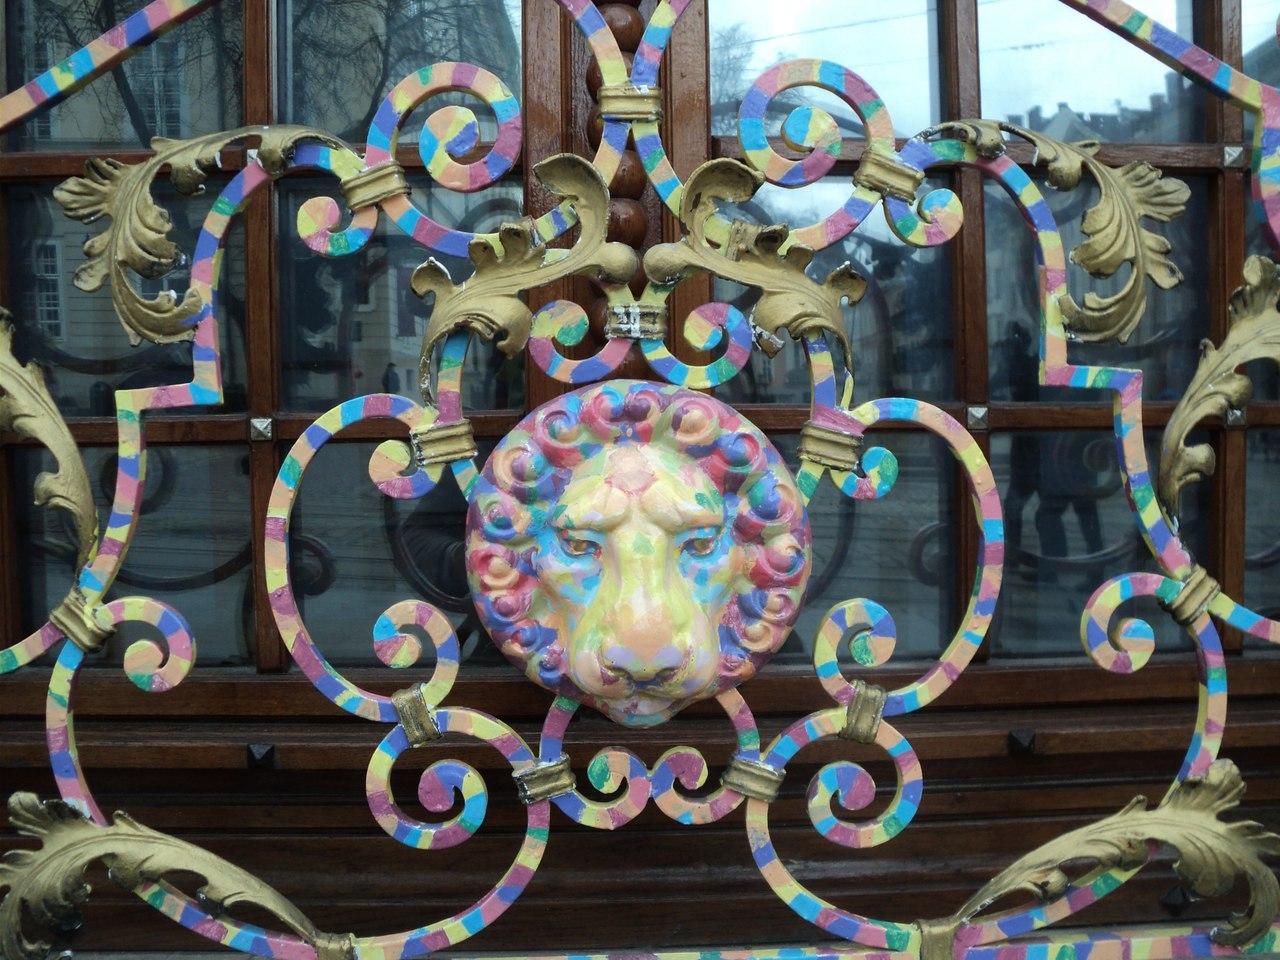 Львовские львы - визитка города. Прогулка вокруг площади Рынок.